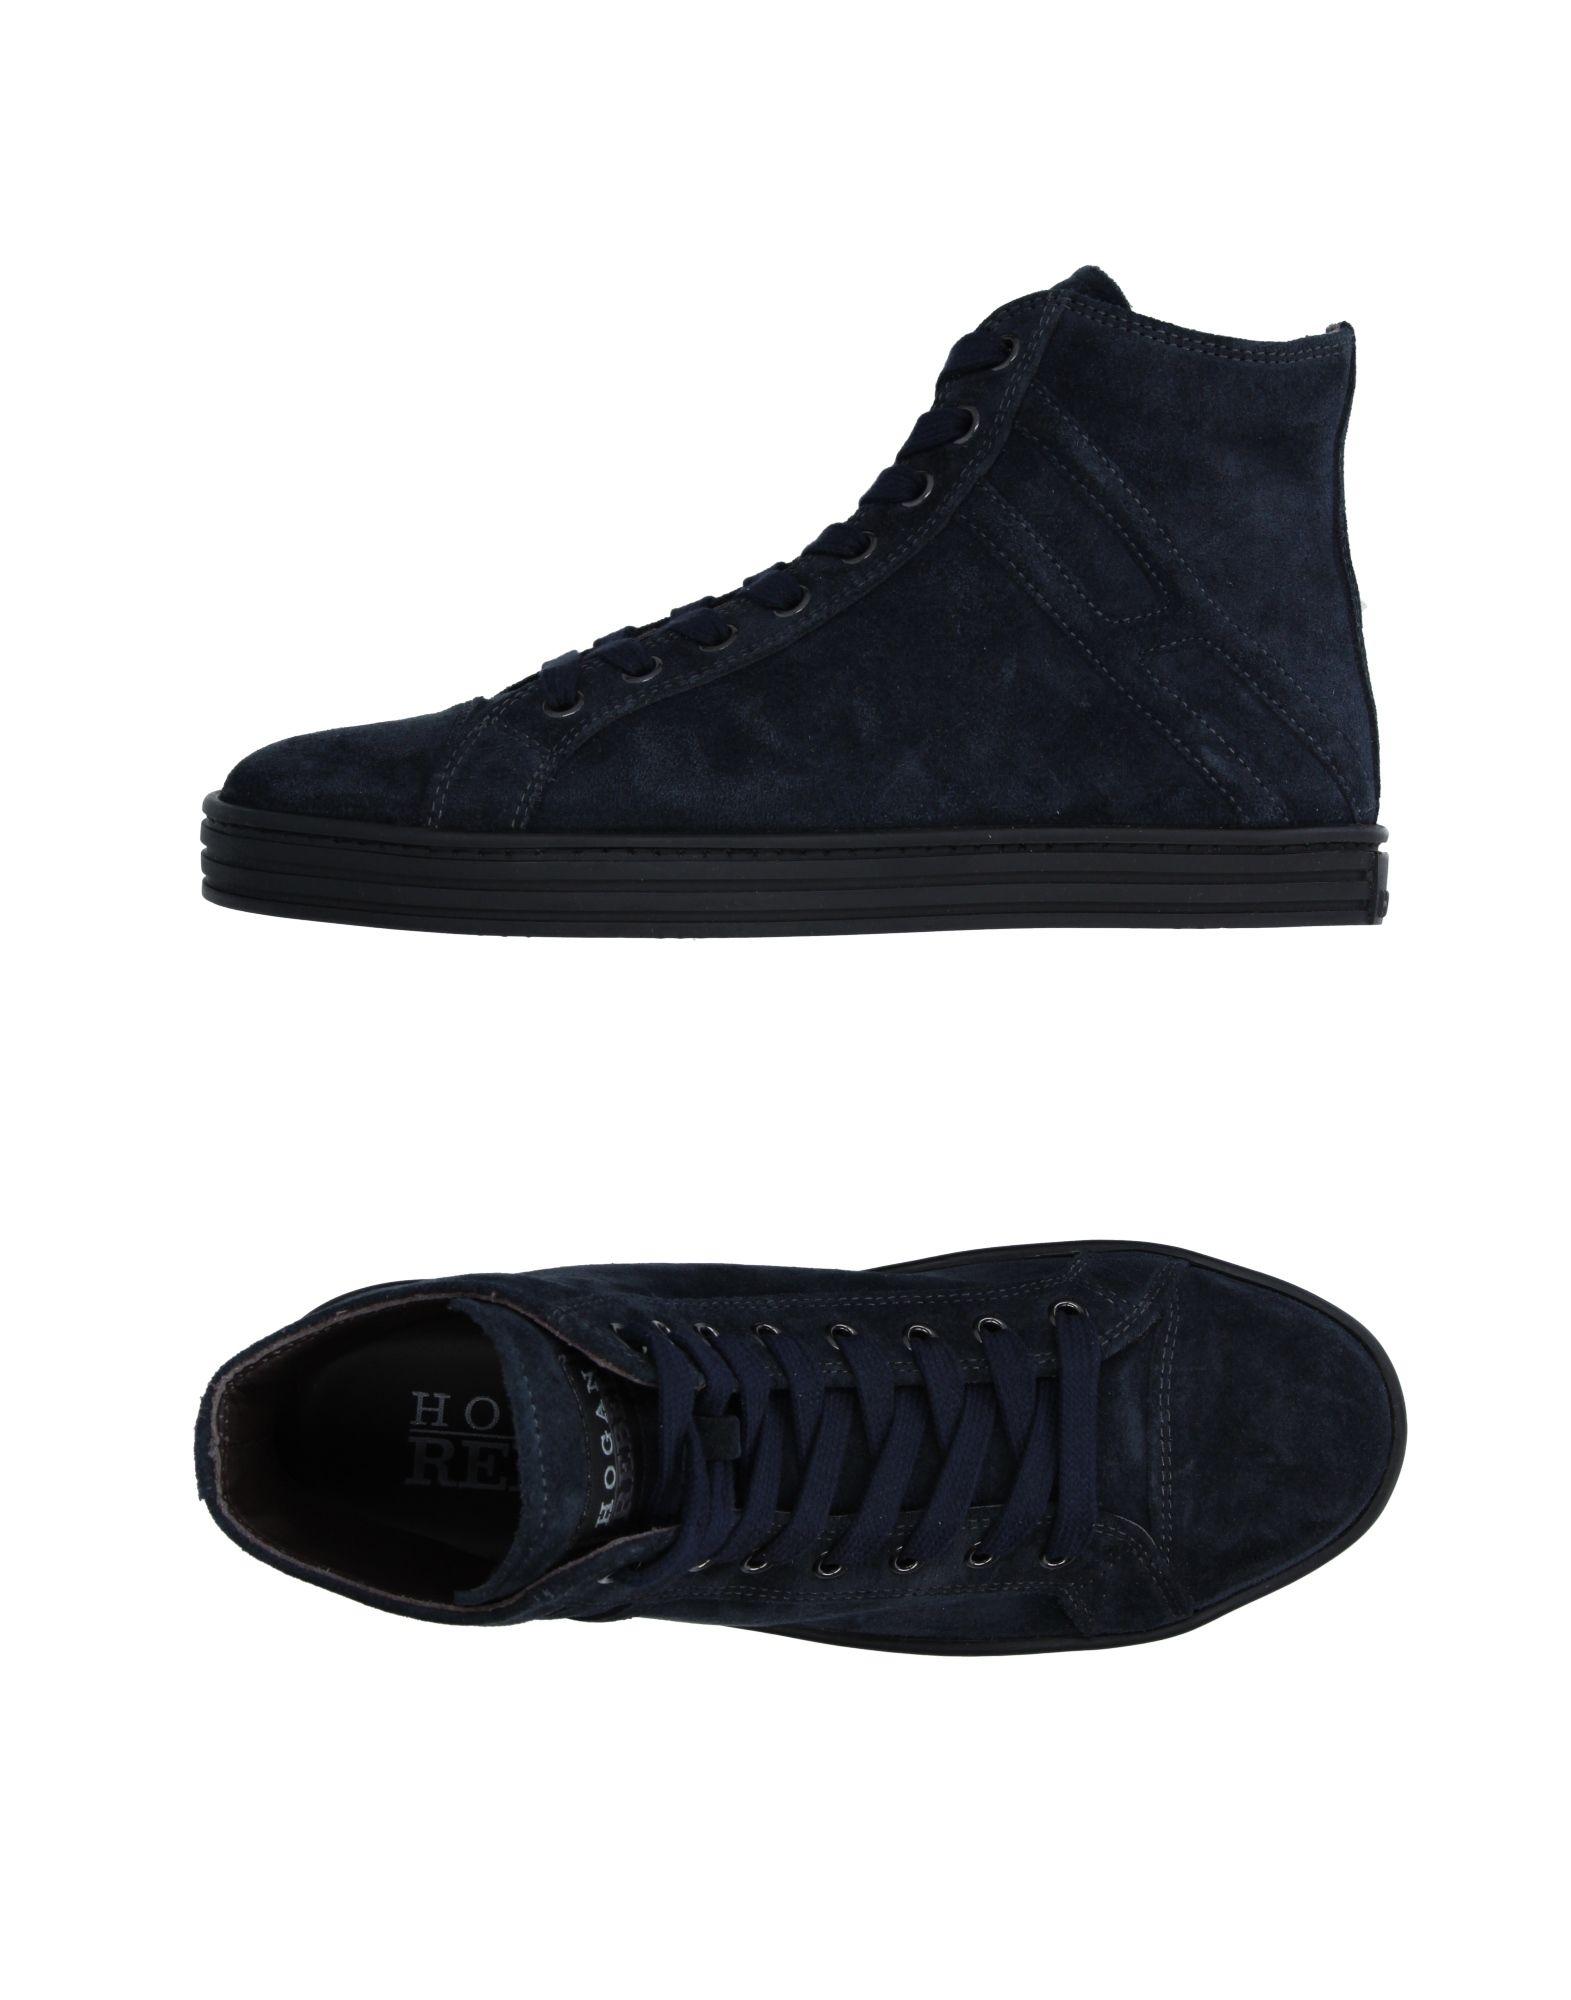 Hogan Damen Rebel Sneakers Damen Hogan  11311526AN Beliebte Schuhe 38c58e